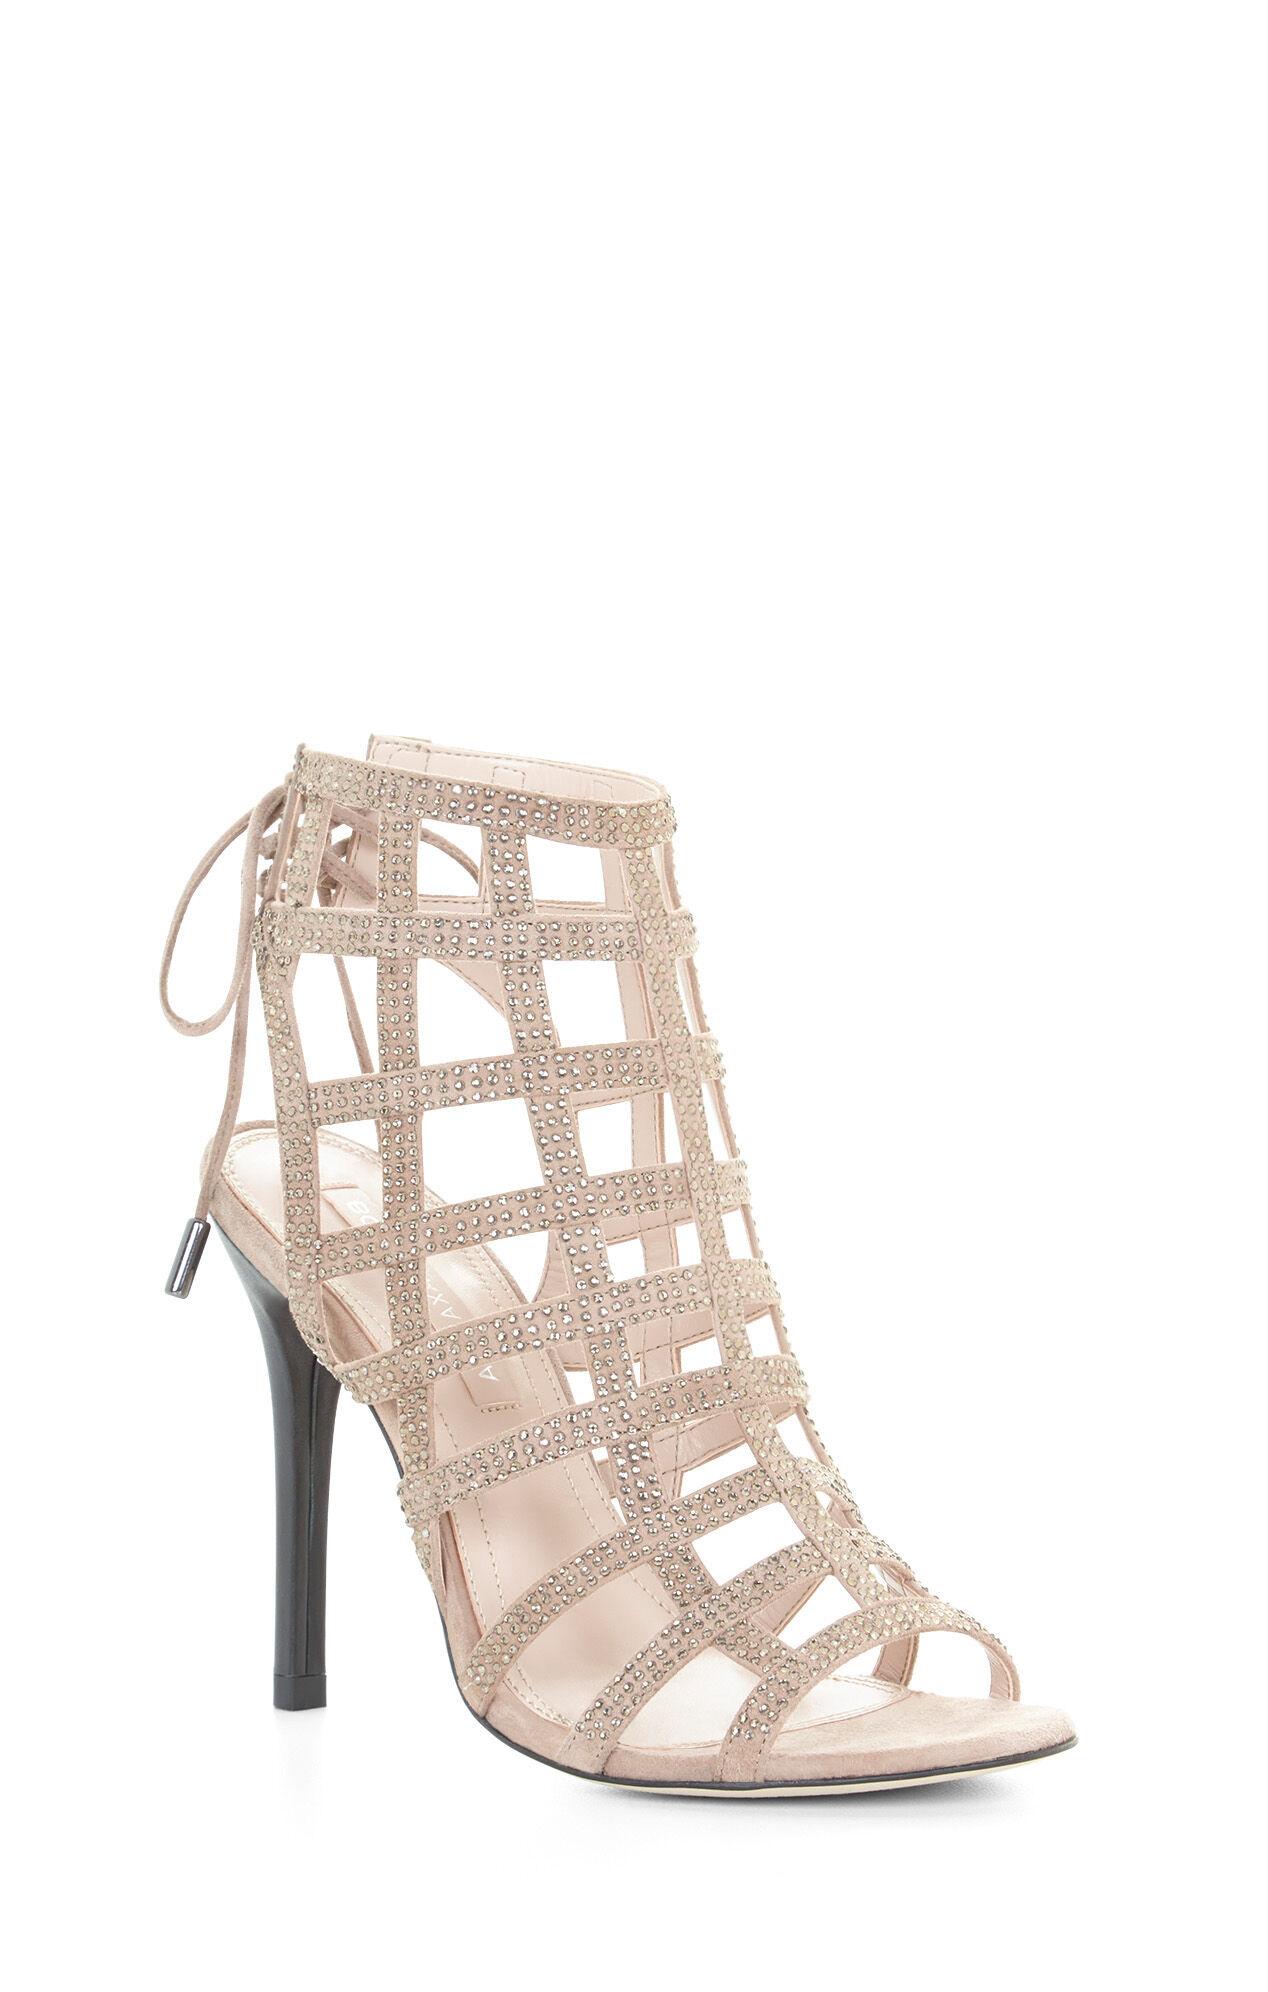 Lien High-Heel Caged Sandal